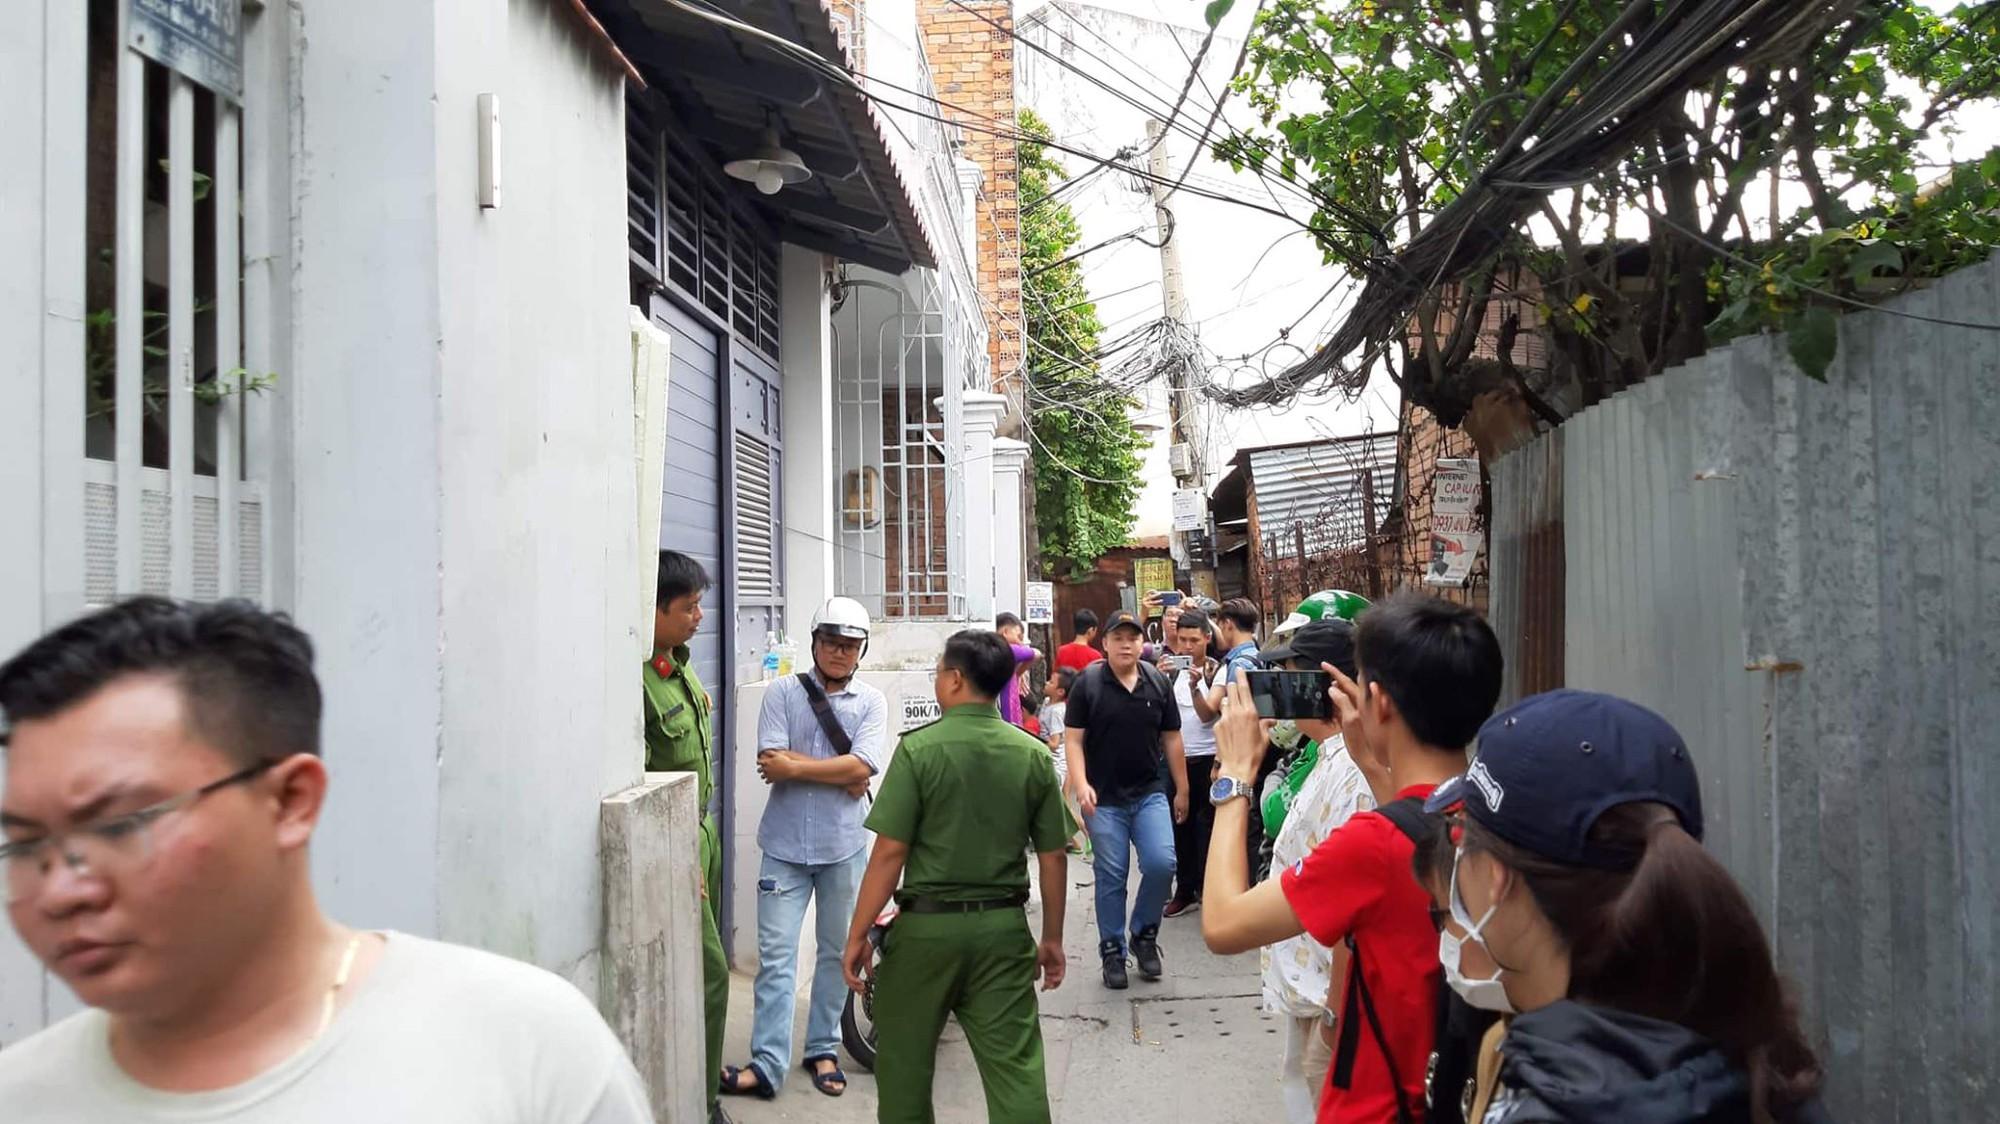 Thi thể nam thanh niên trên kênh Nhiêu Lộc chính là nghi phạm sát hại nữ sinh 19 tuổi trong phòng trọ - Ảnh 2.